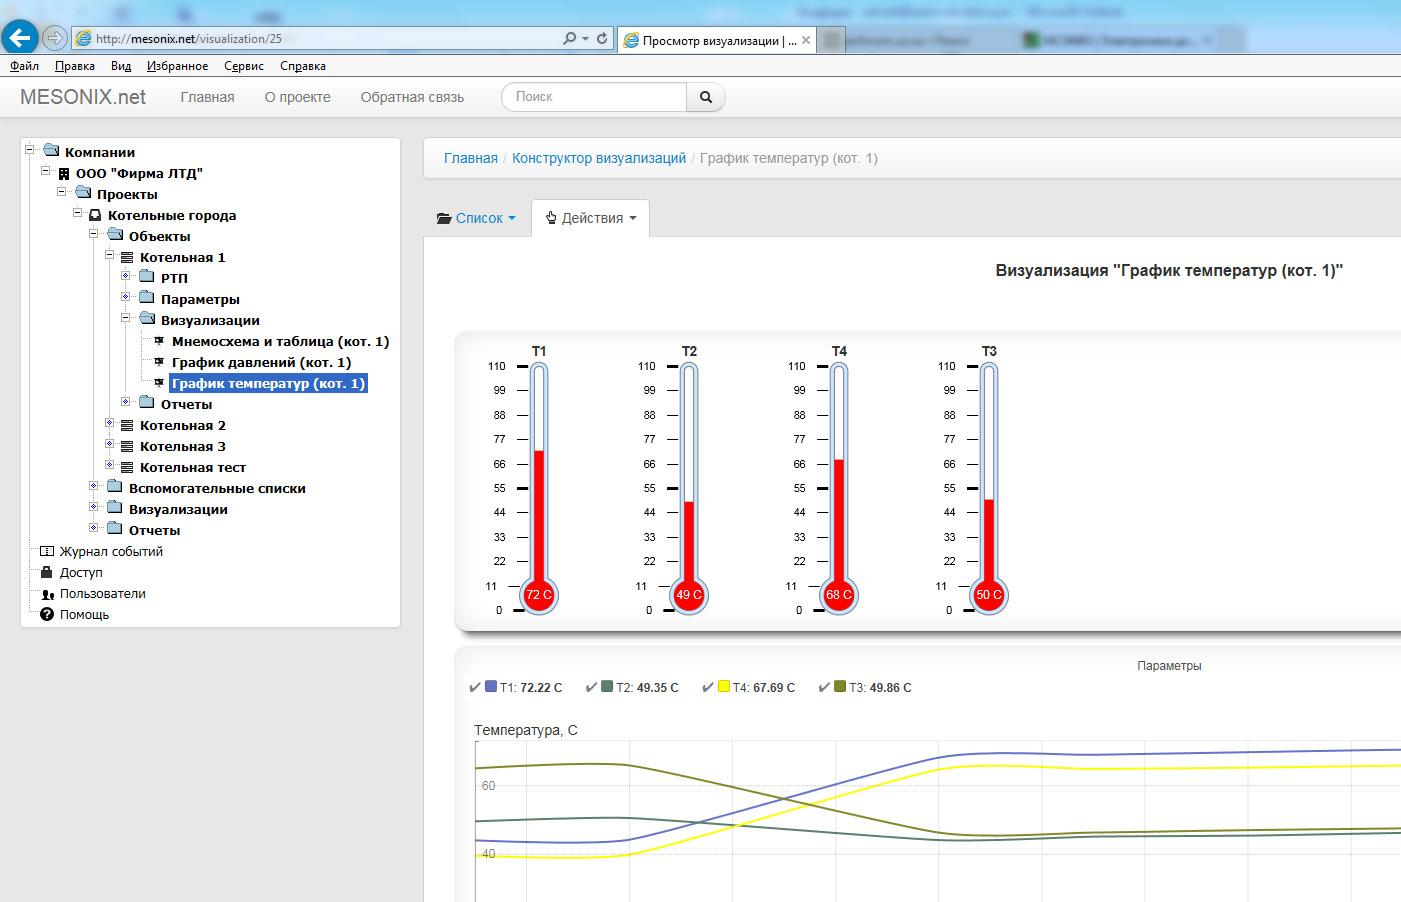 Раздел с возможным вариантом графического представления измеряемых параметров (температура)